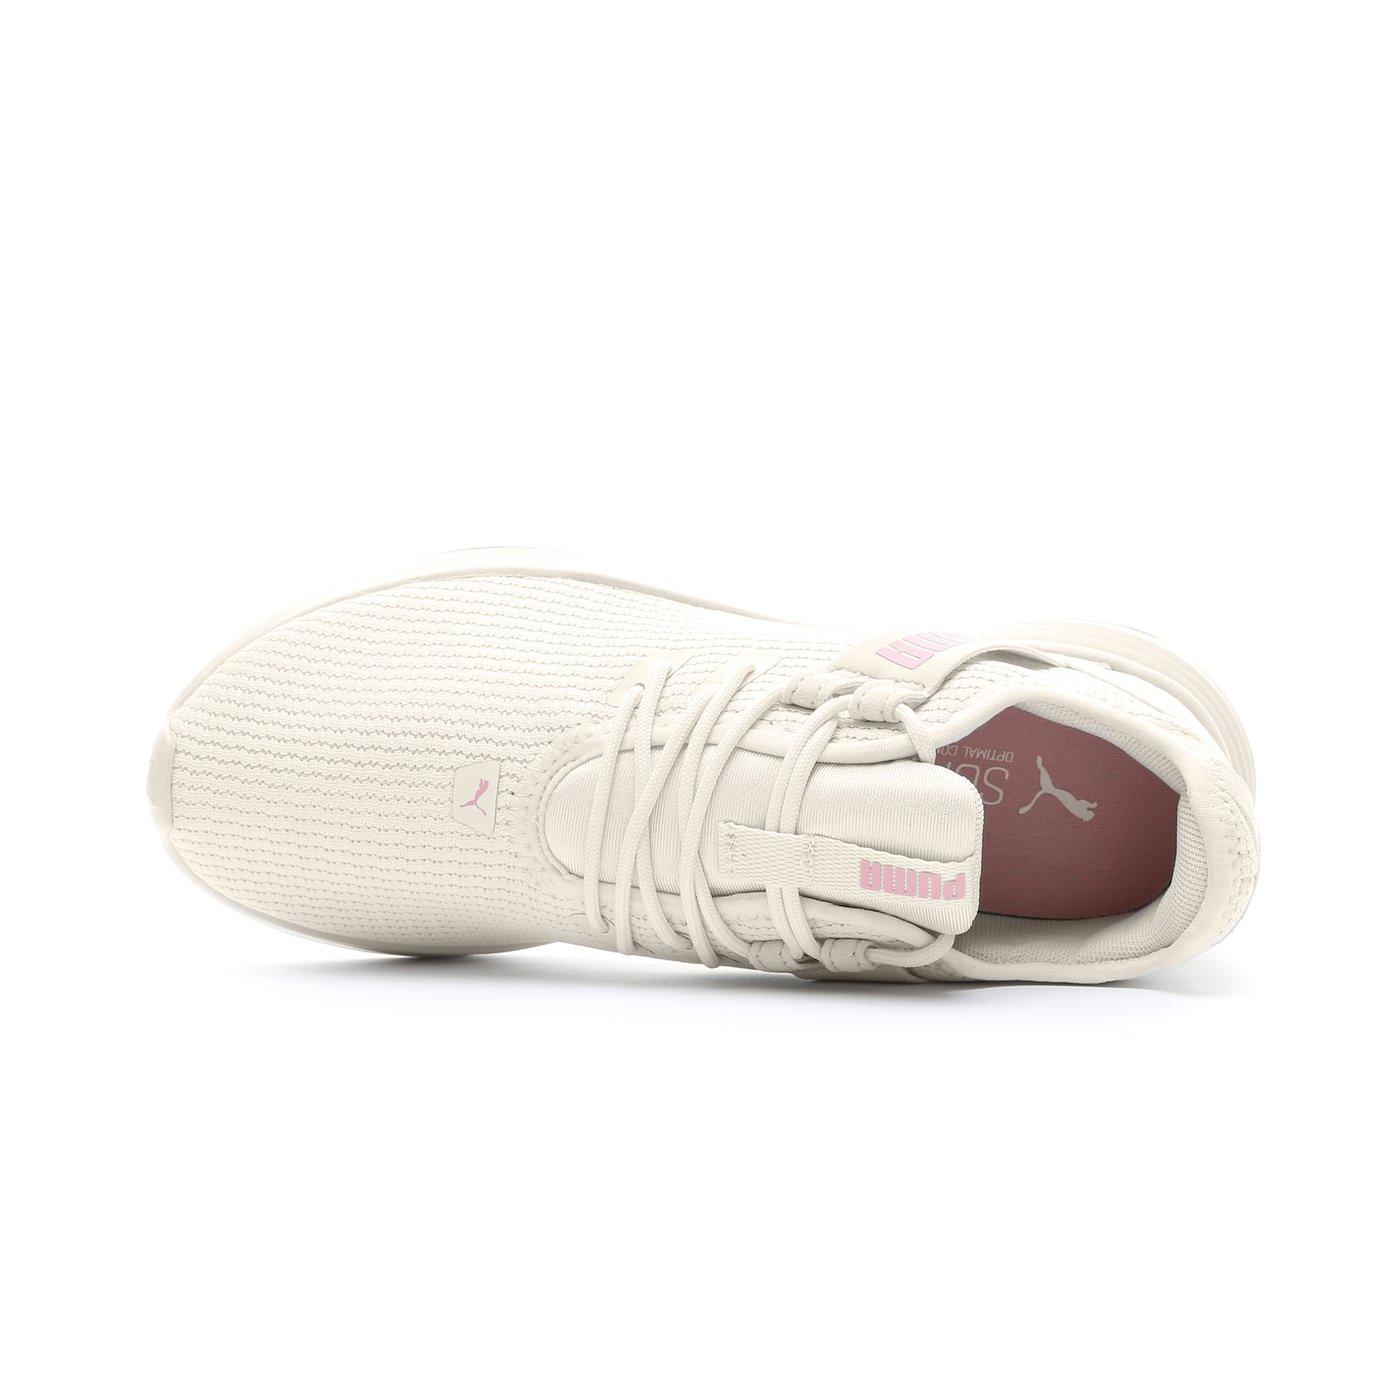 Puma Radiate XT Kadın Pembe Spor Ayakkabı